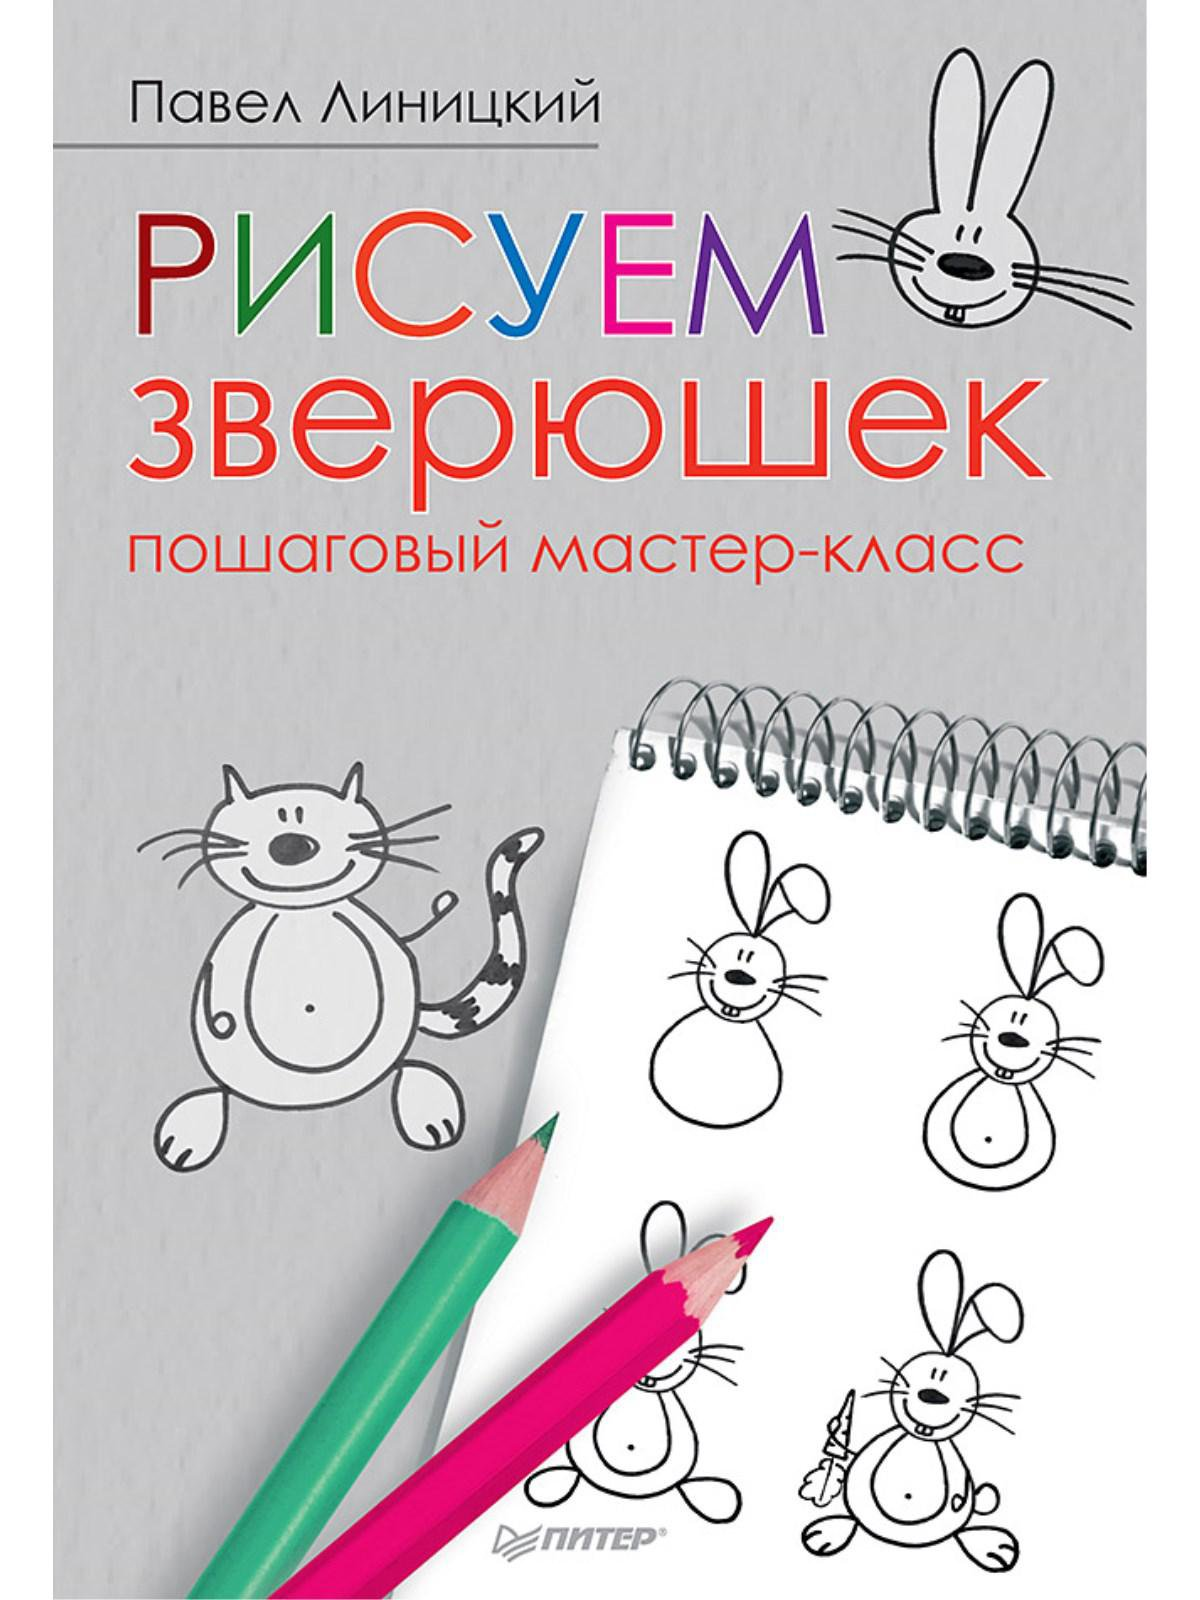 ид питер рисуем зверюшек в весёлом лесу книга альбом Линицкий Павел Рисуем зверюшек: пошаговый мастер-класс